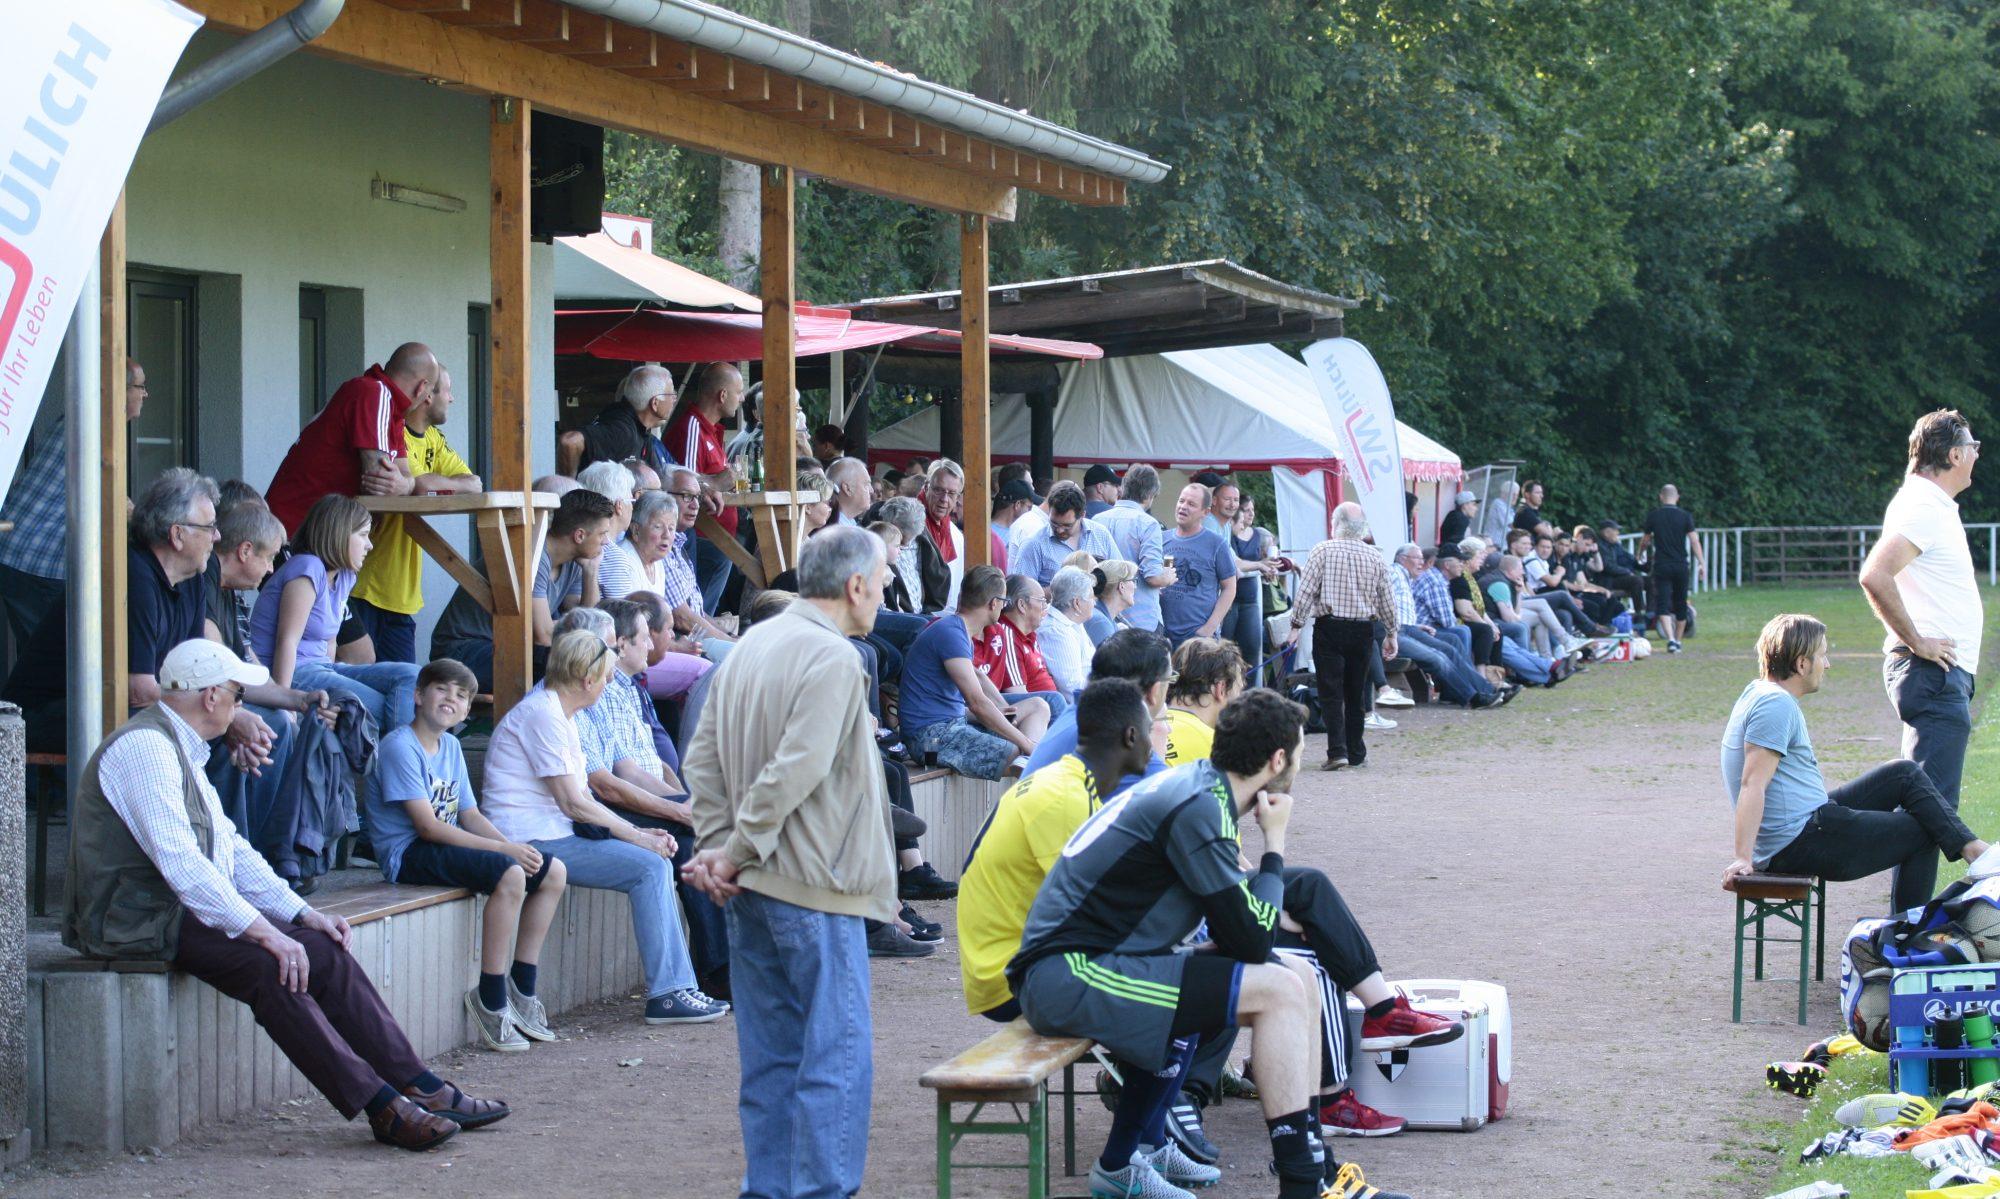 SC Salingia 08 Barmen